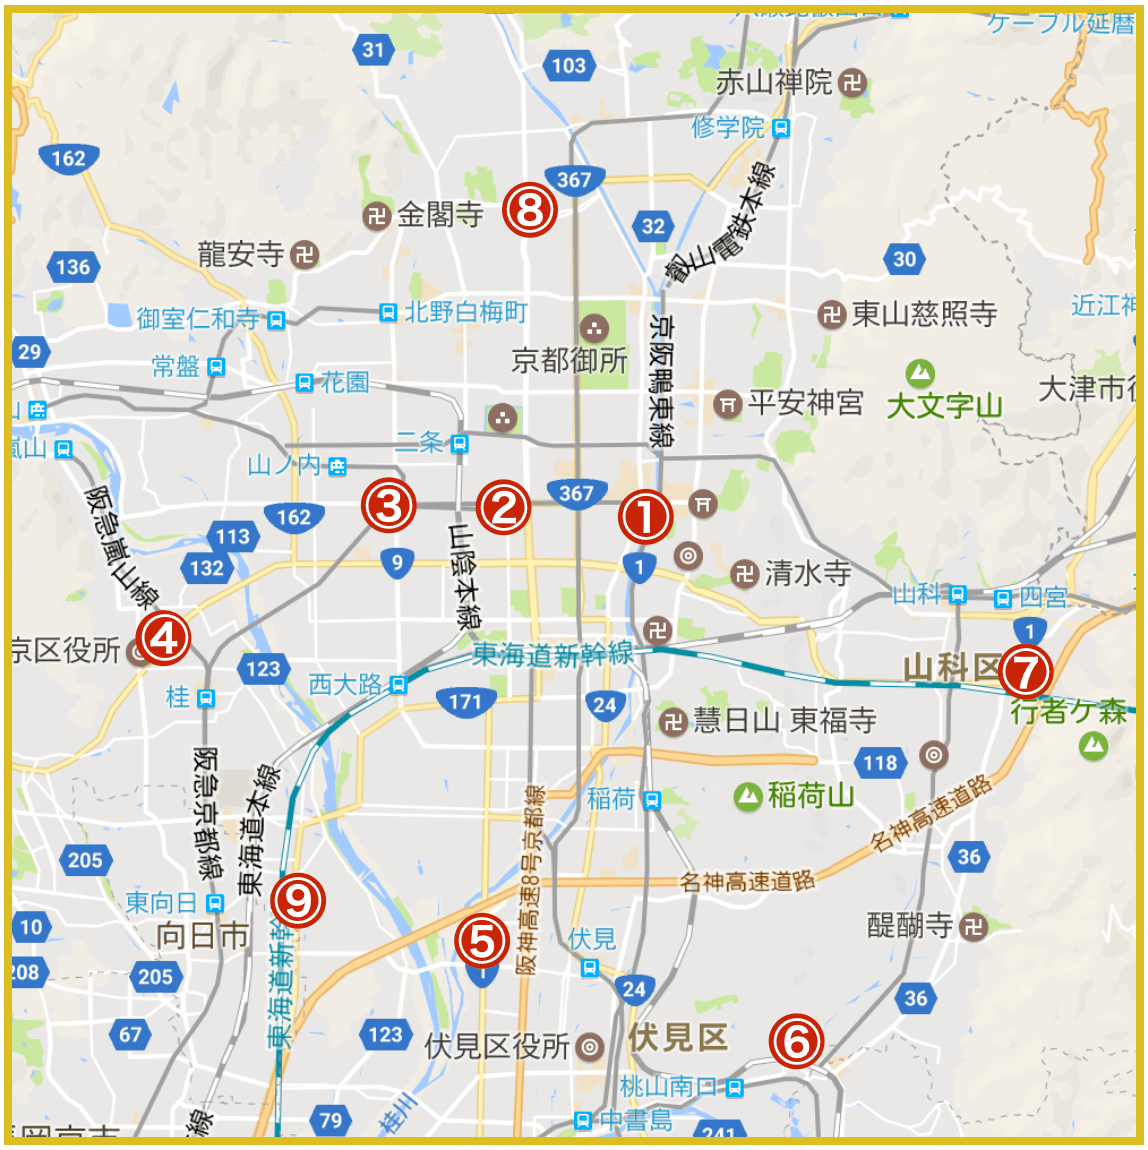 京都府京都市にあるプロミス店舗・ATMの位置(2020年版)